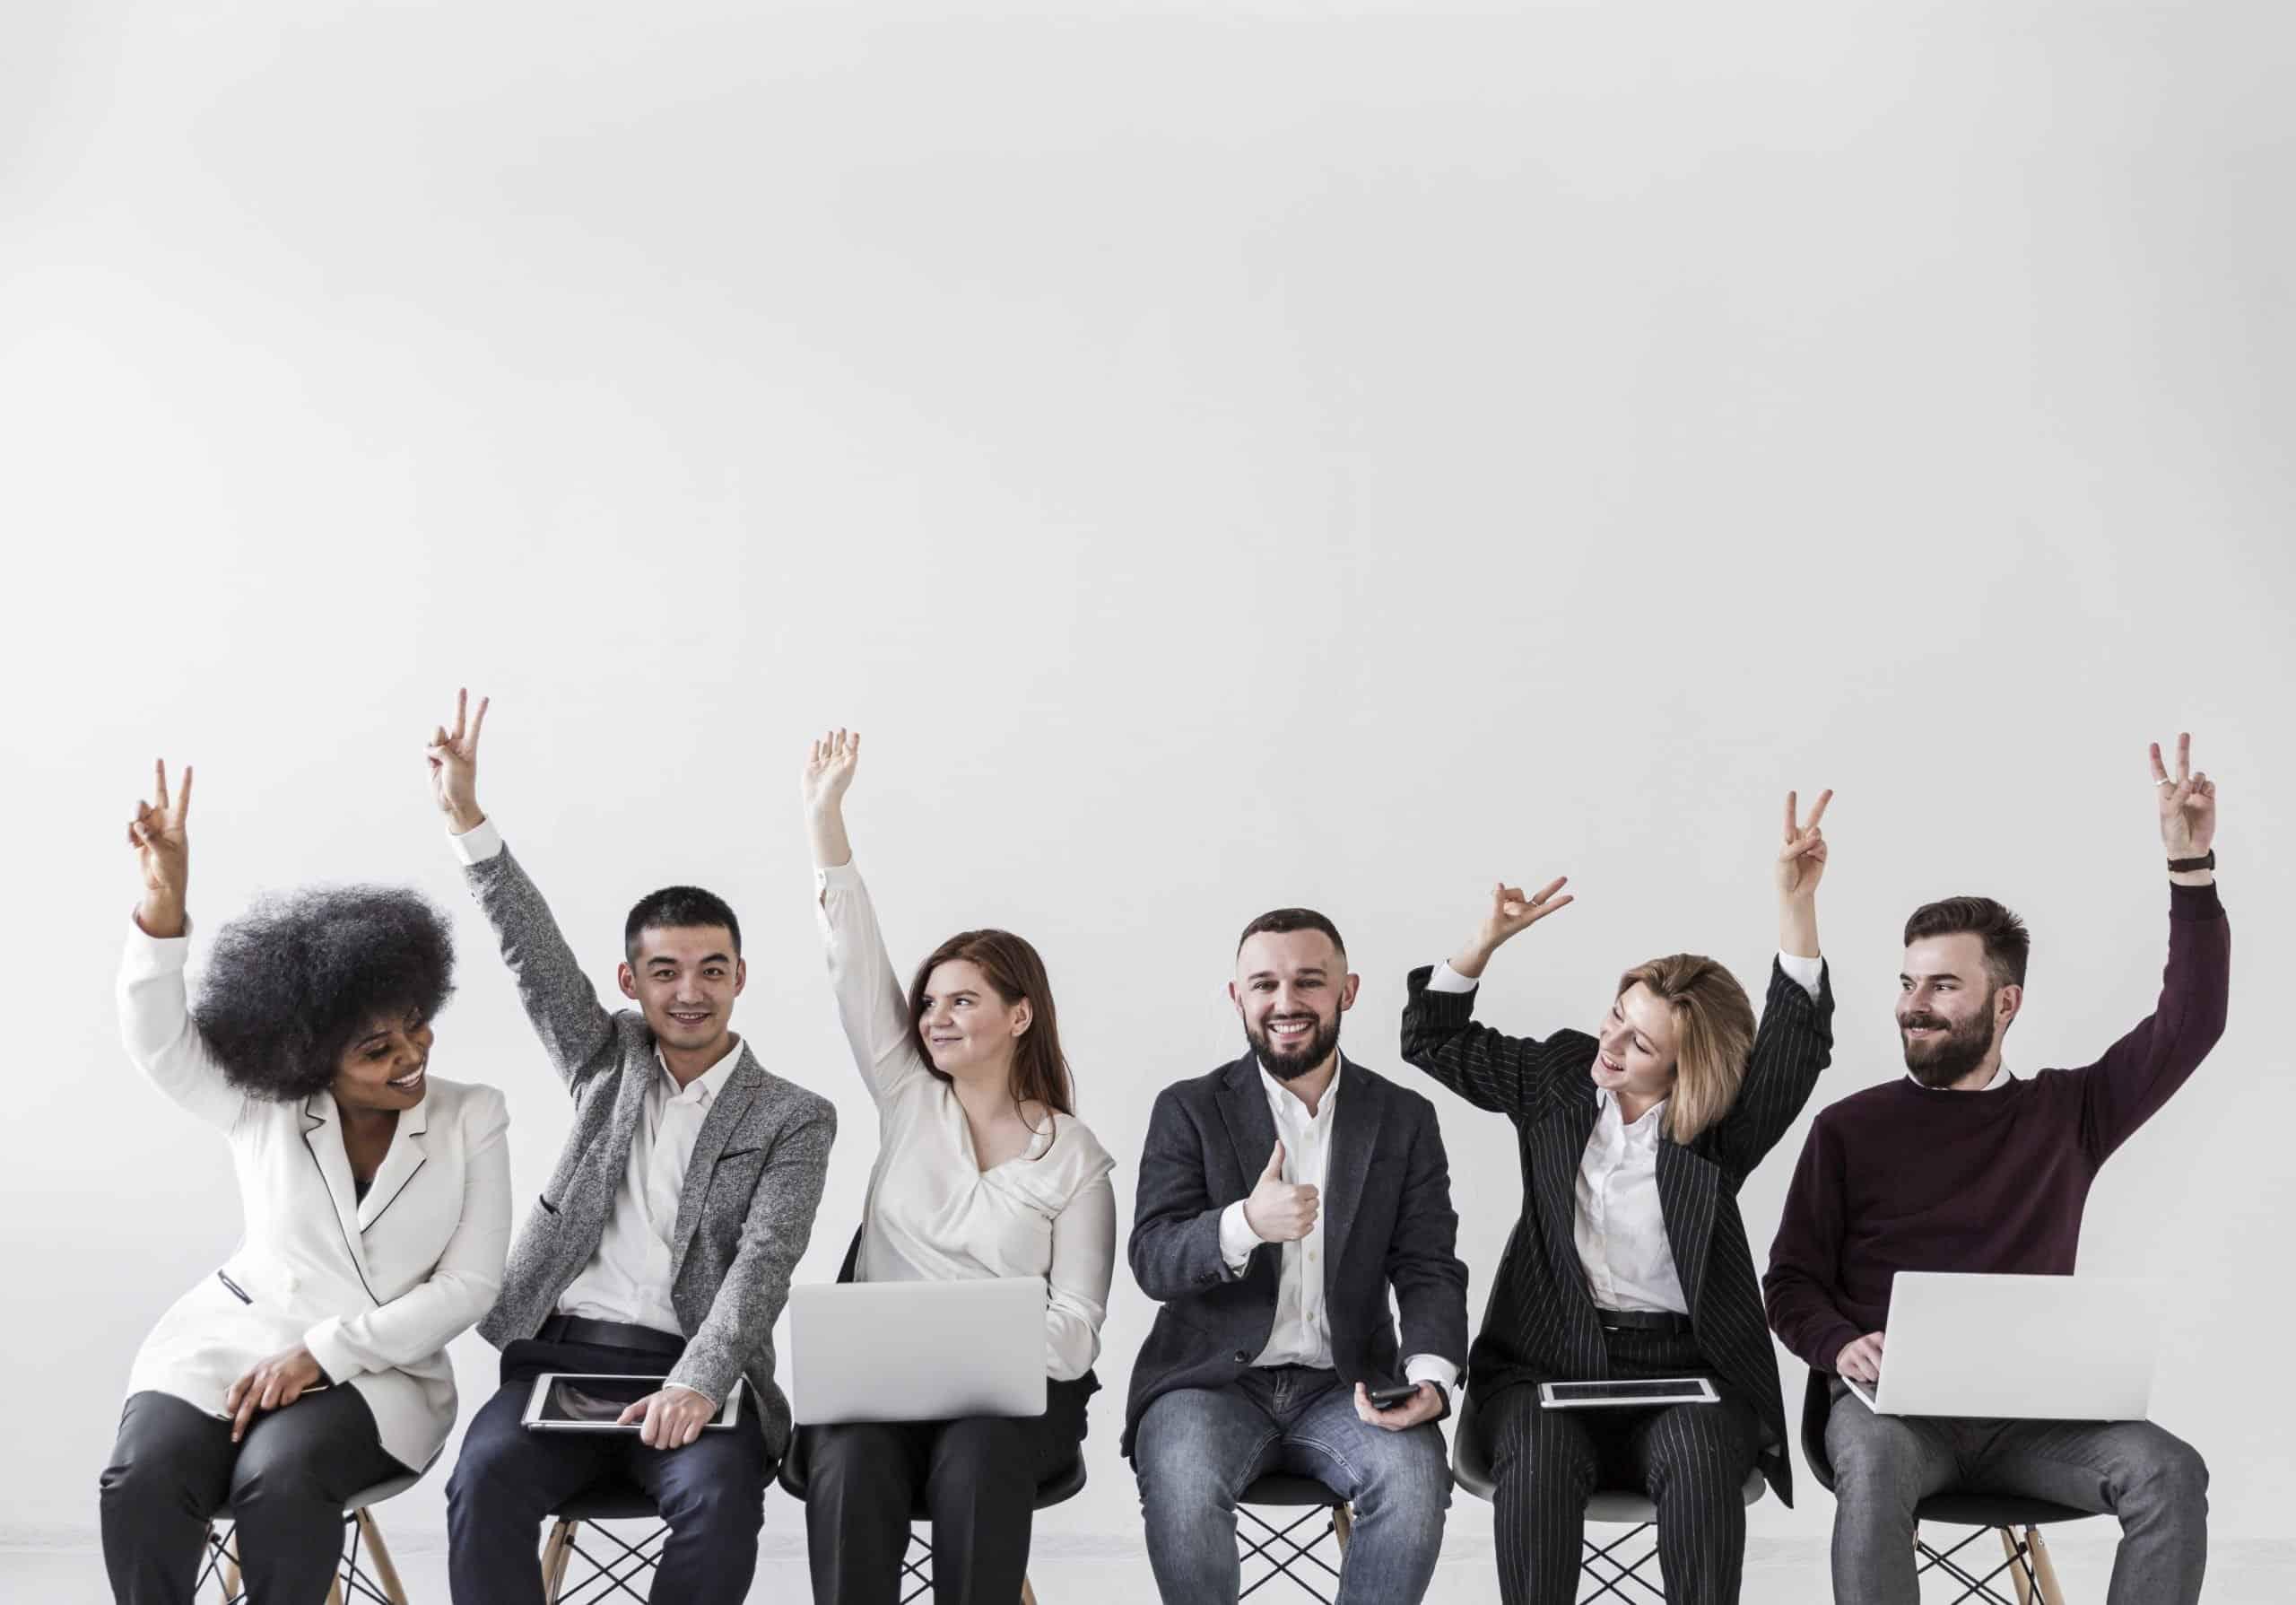 Employee Branding | Employer Branding